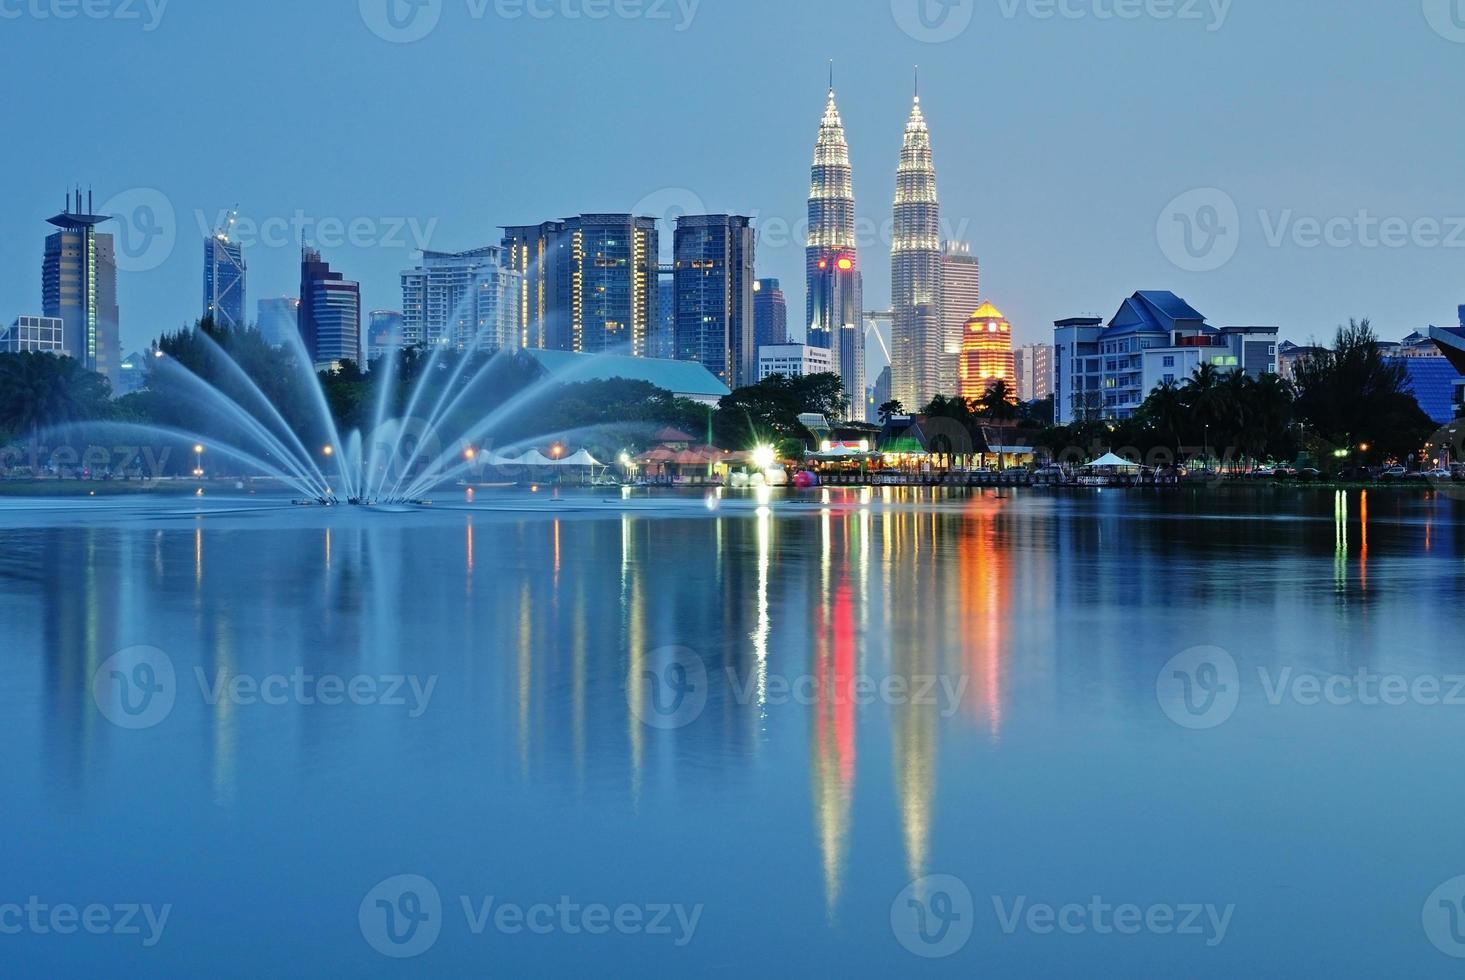 paesaggio di notte dell'orizzonte di Kuala Lumpur foto